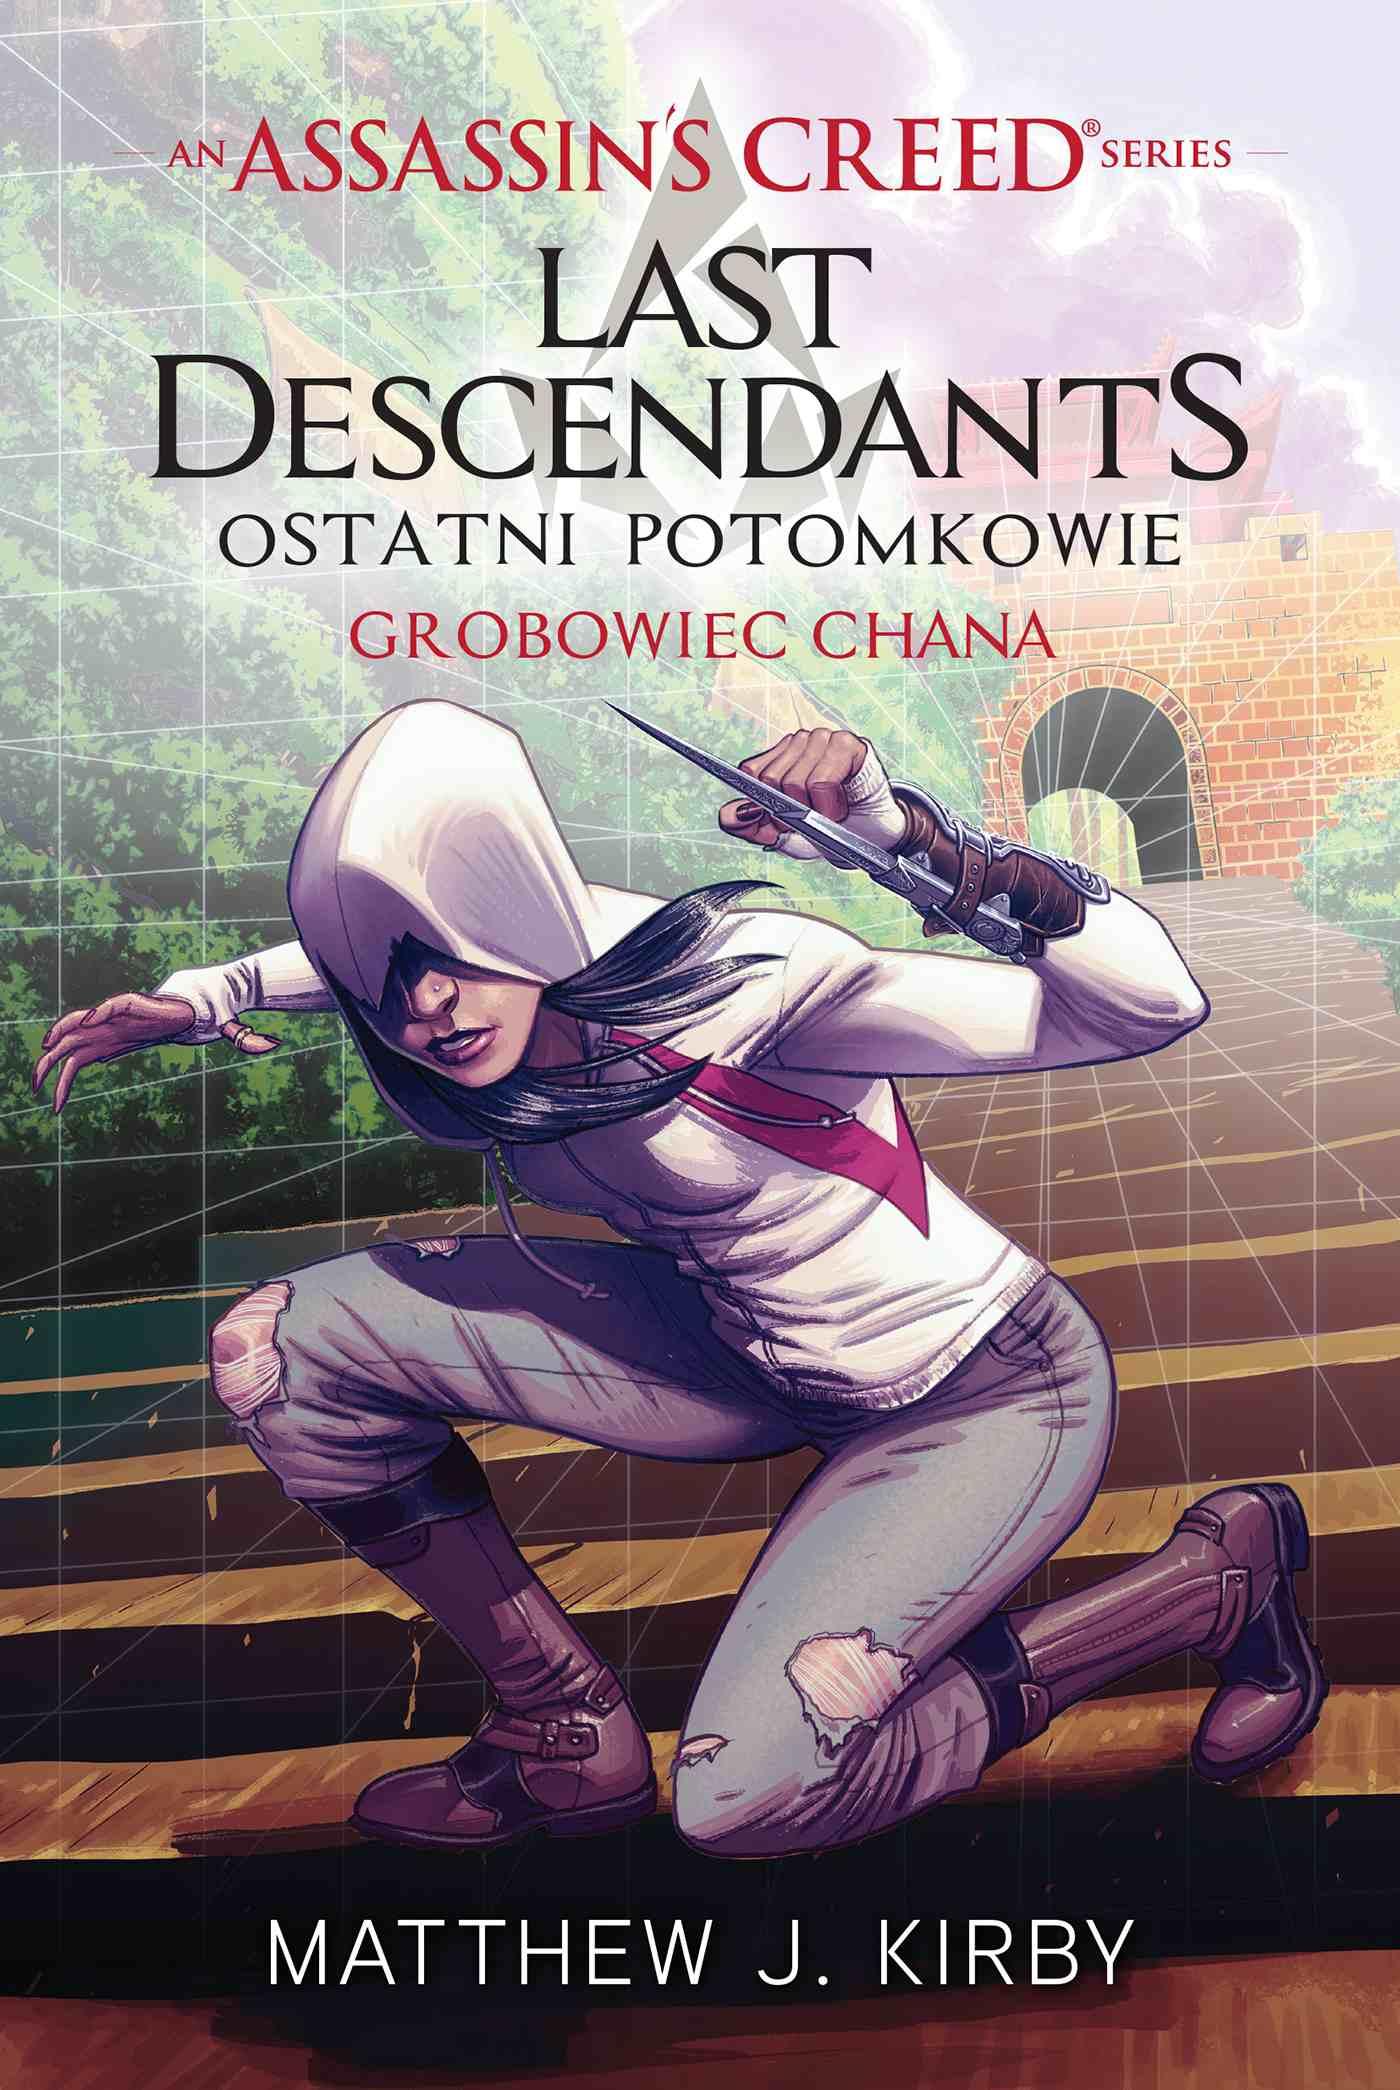 Assassin's Creed: Ostatni potomkowie. Grobowiec chana - Ebook (Książka na Kindle) do pobrania w formacie MOBI